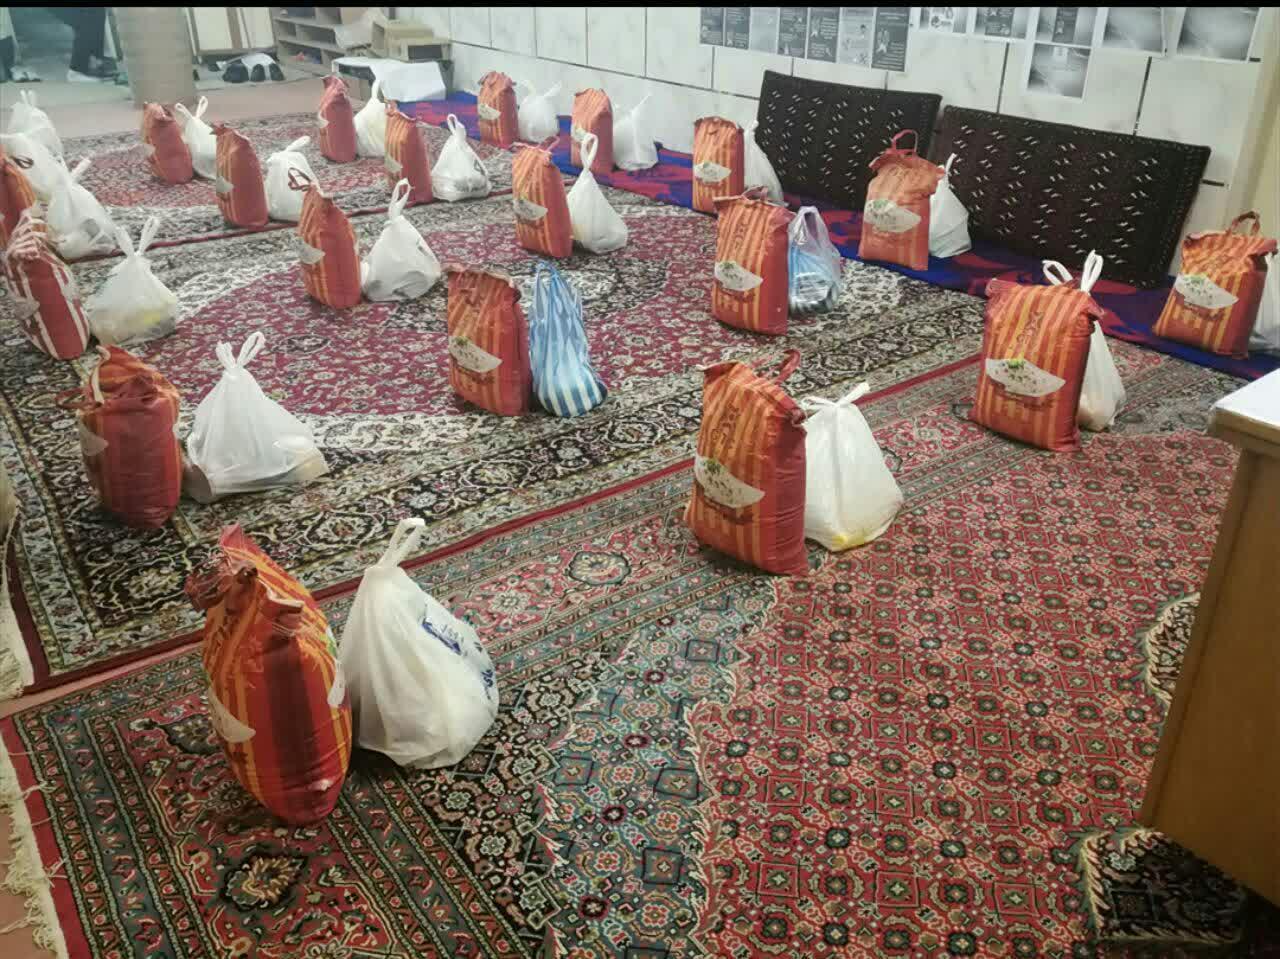 استمرار کمکهای مومنانه از برکات فعالیت مساجد در دوره کرونا است